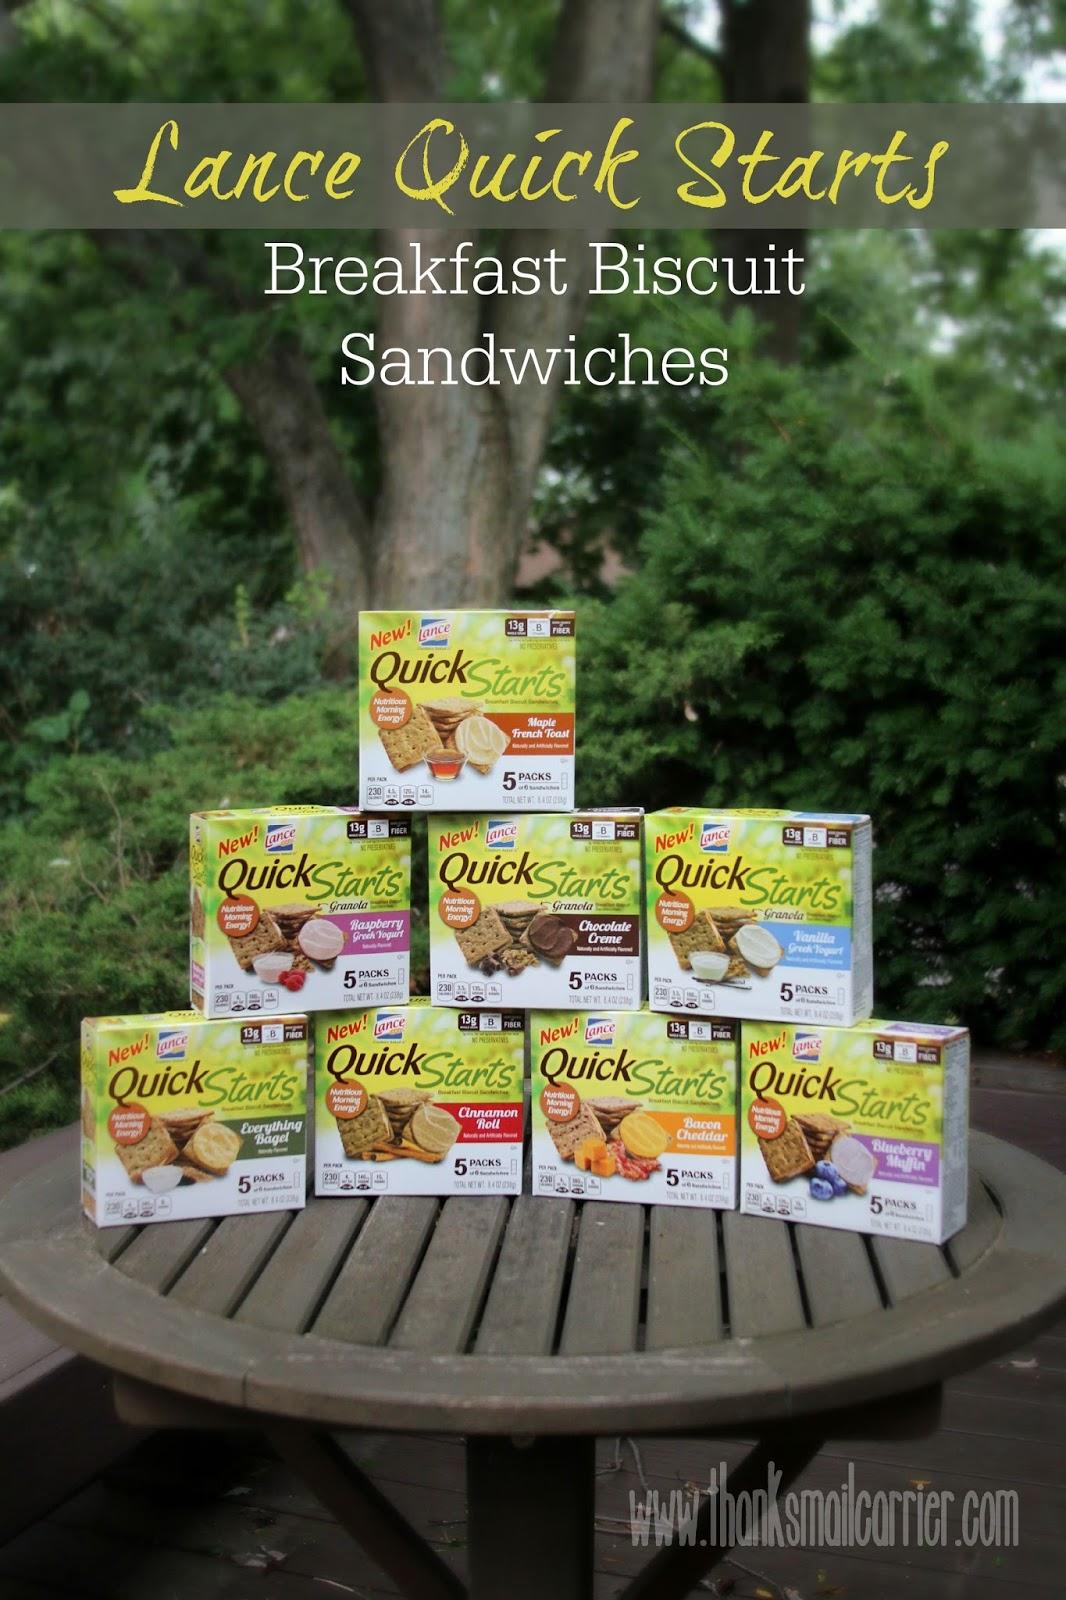 Lance Quick Starts breakfast biscuit sandwiches